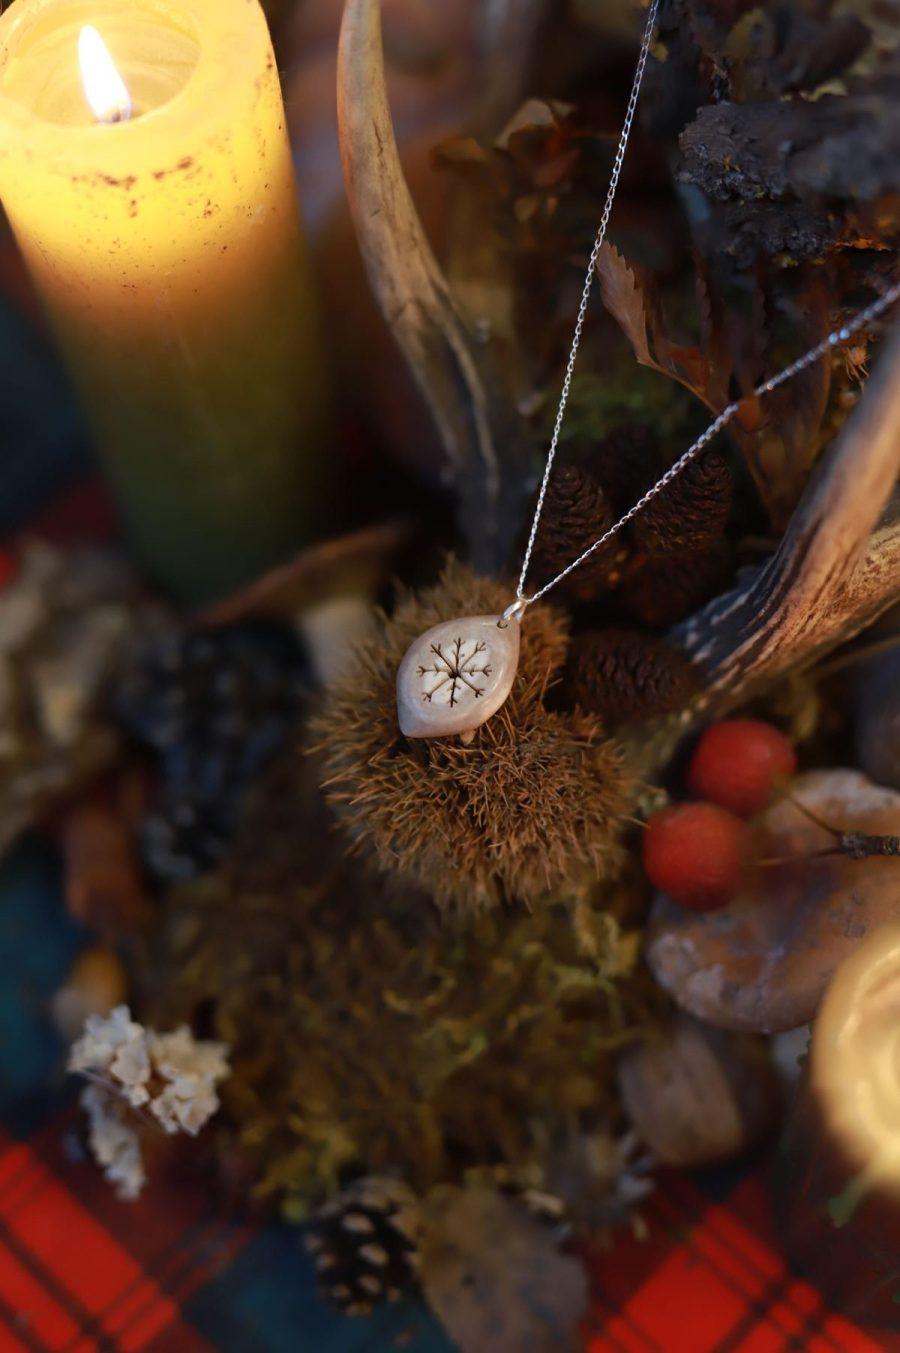 Collier bois de renne laponie corne argent ajouré artisanat français normandie atelier de la lettre aux ours missive to bears flocon nordique givre